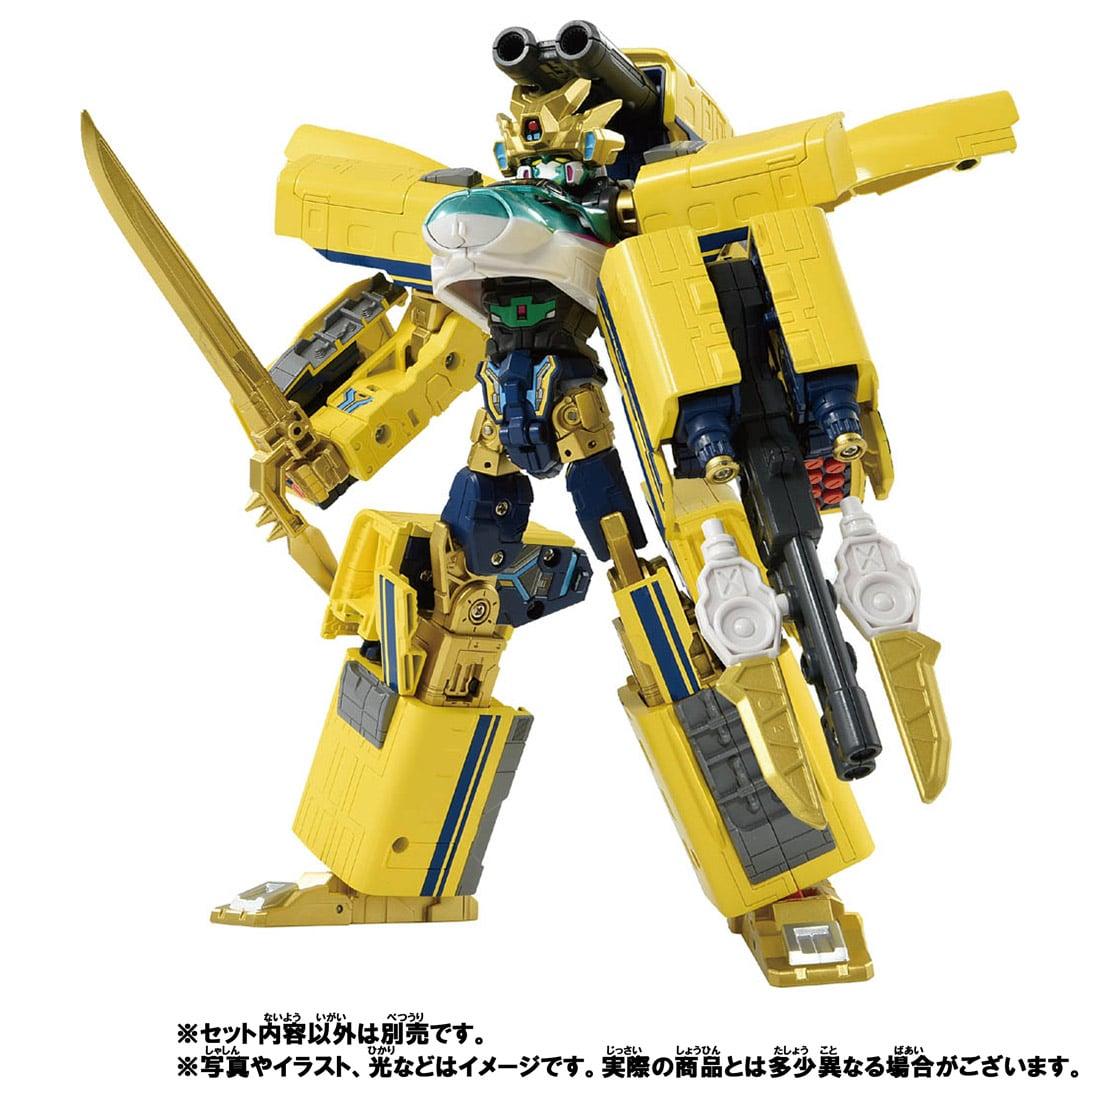 新幹線変形ロボ シンカリオンZ『シンカリオンZ ドクターイエロー』可変合体プラレール-009